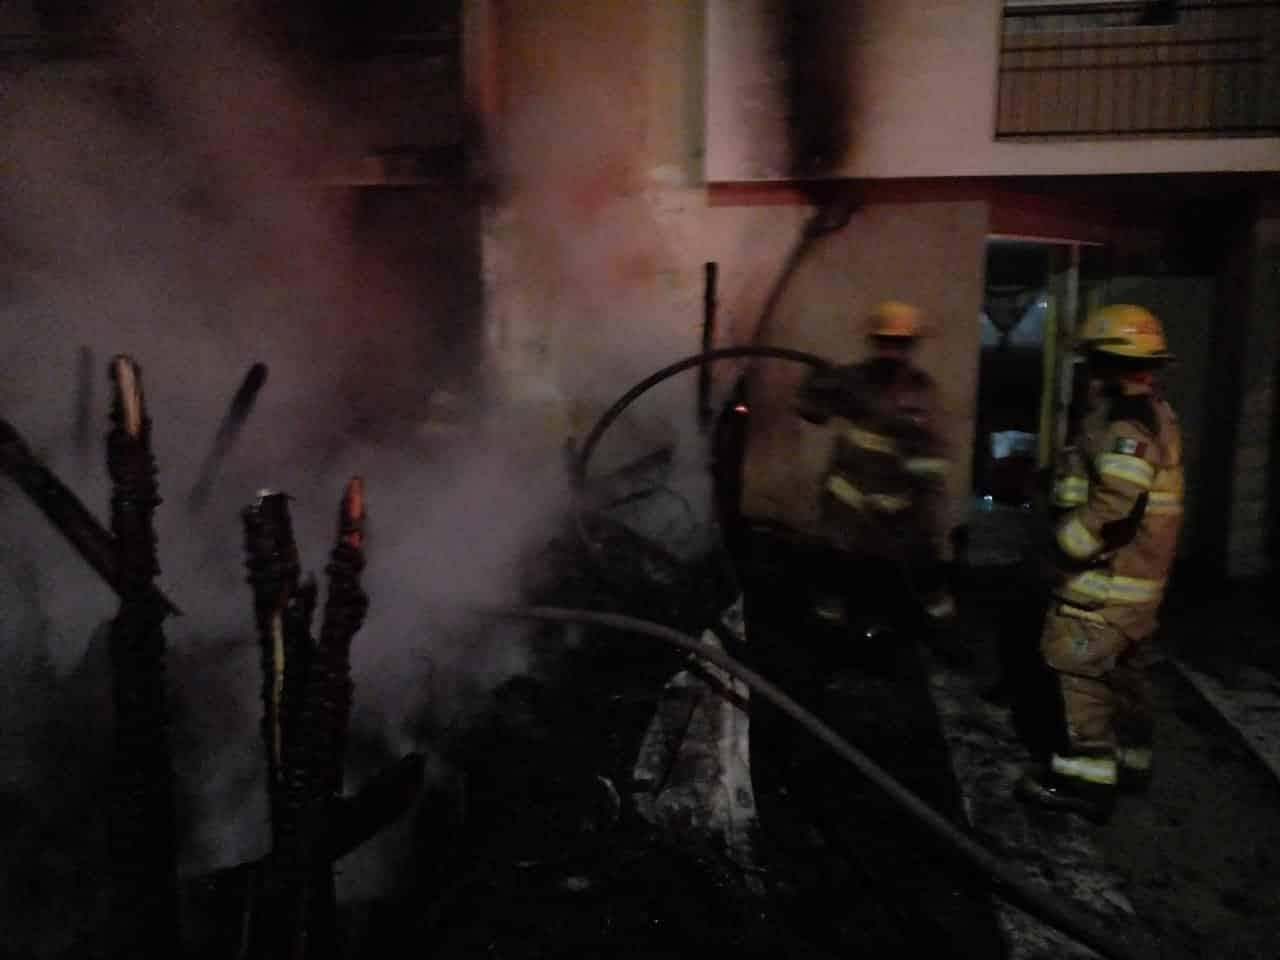 La casa de un carpintero terminó totalmente destruida, al producirse un incendio